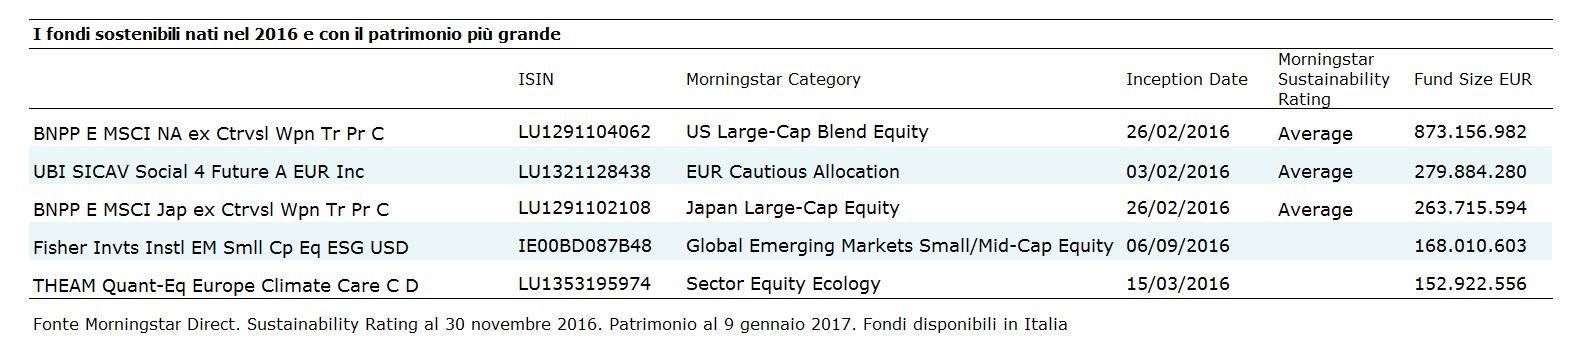 Nuovi fondi sostenibili in Italia nel 2016 per patrimonio